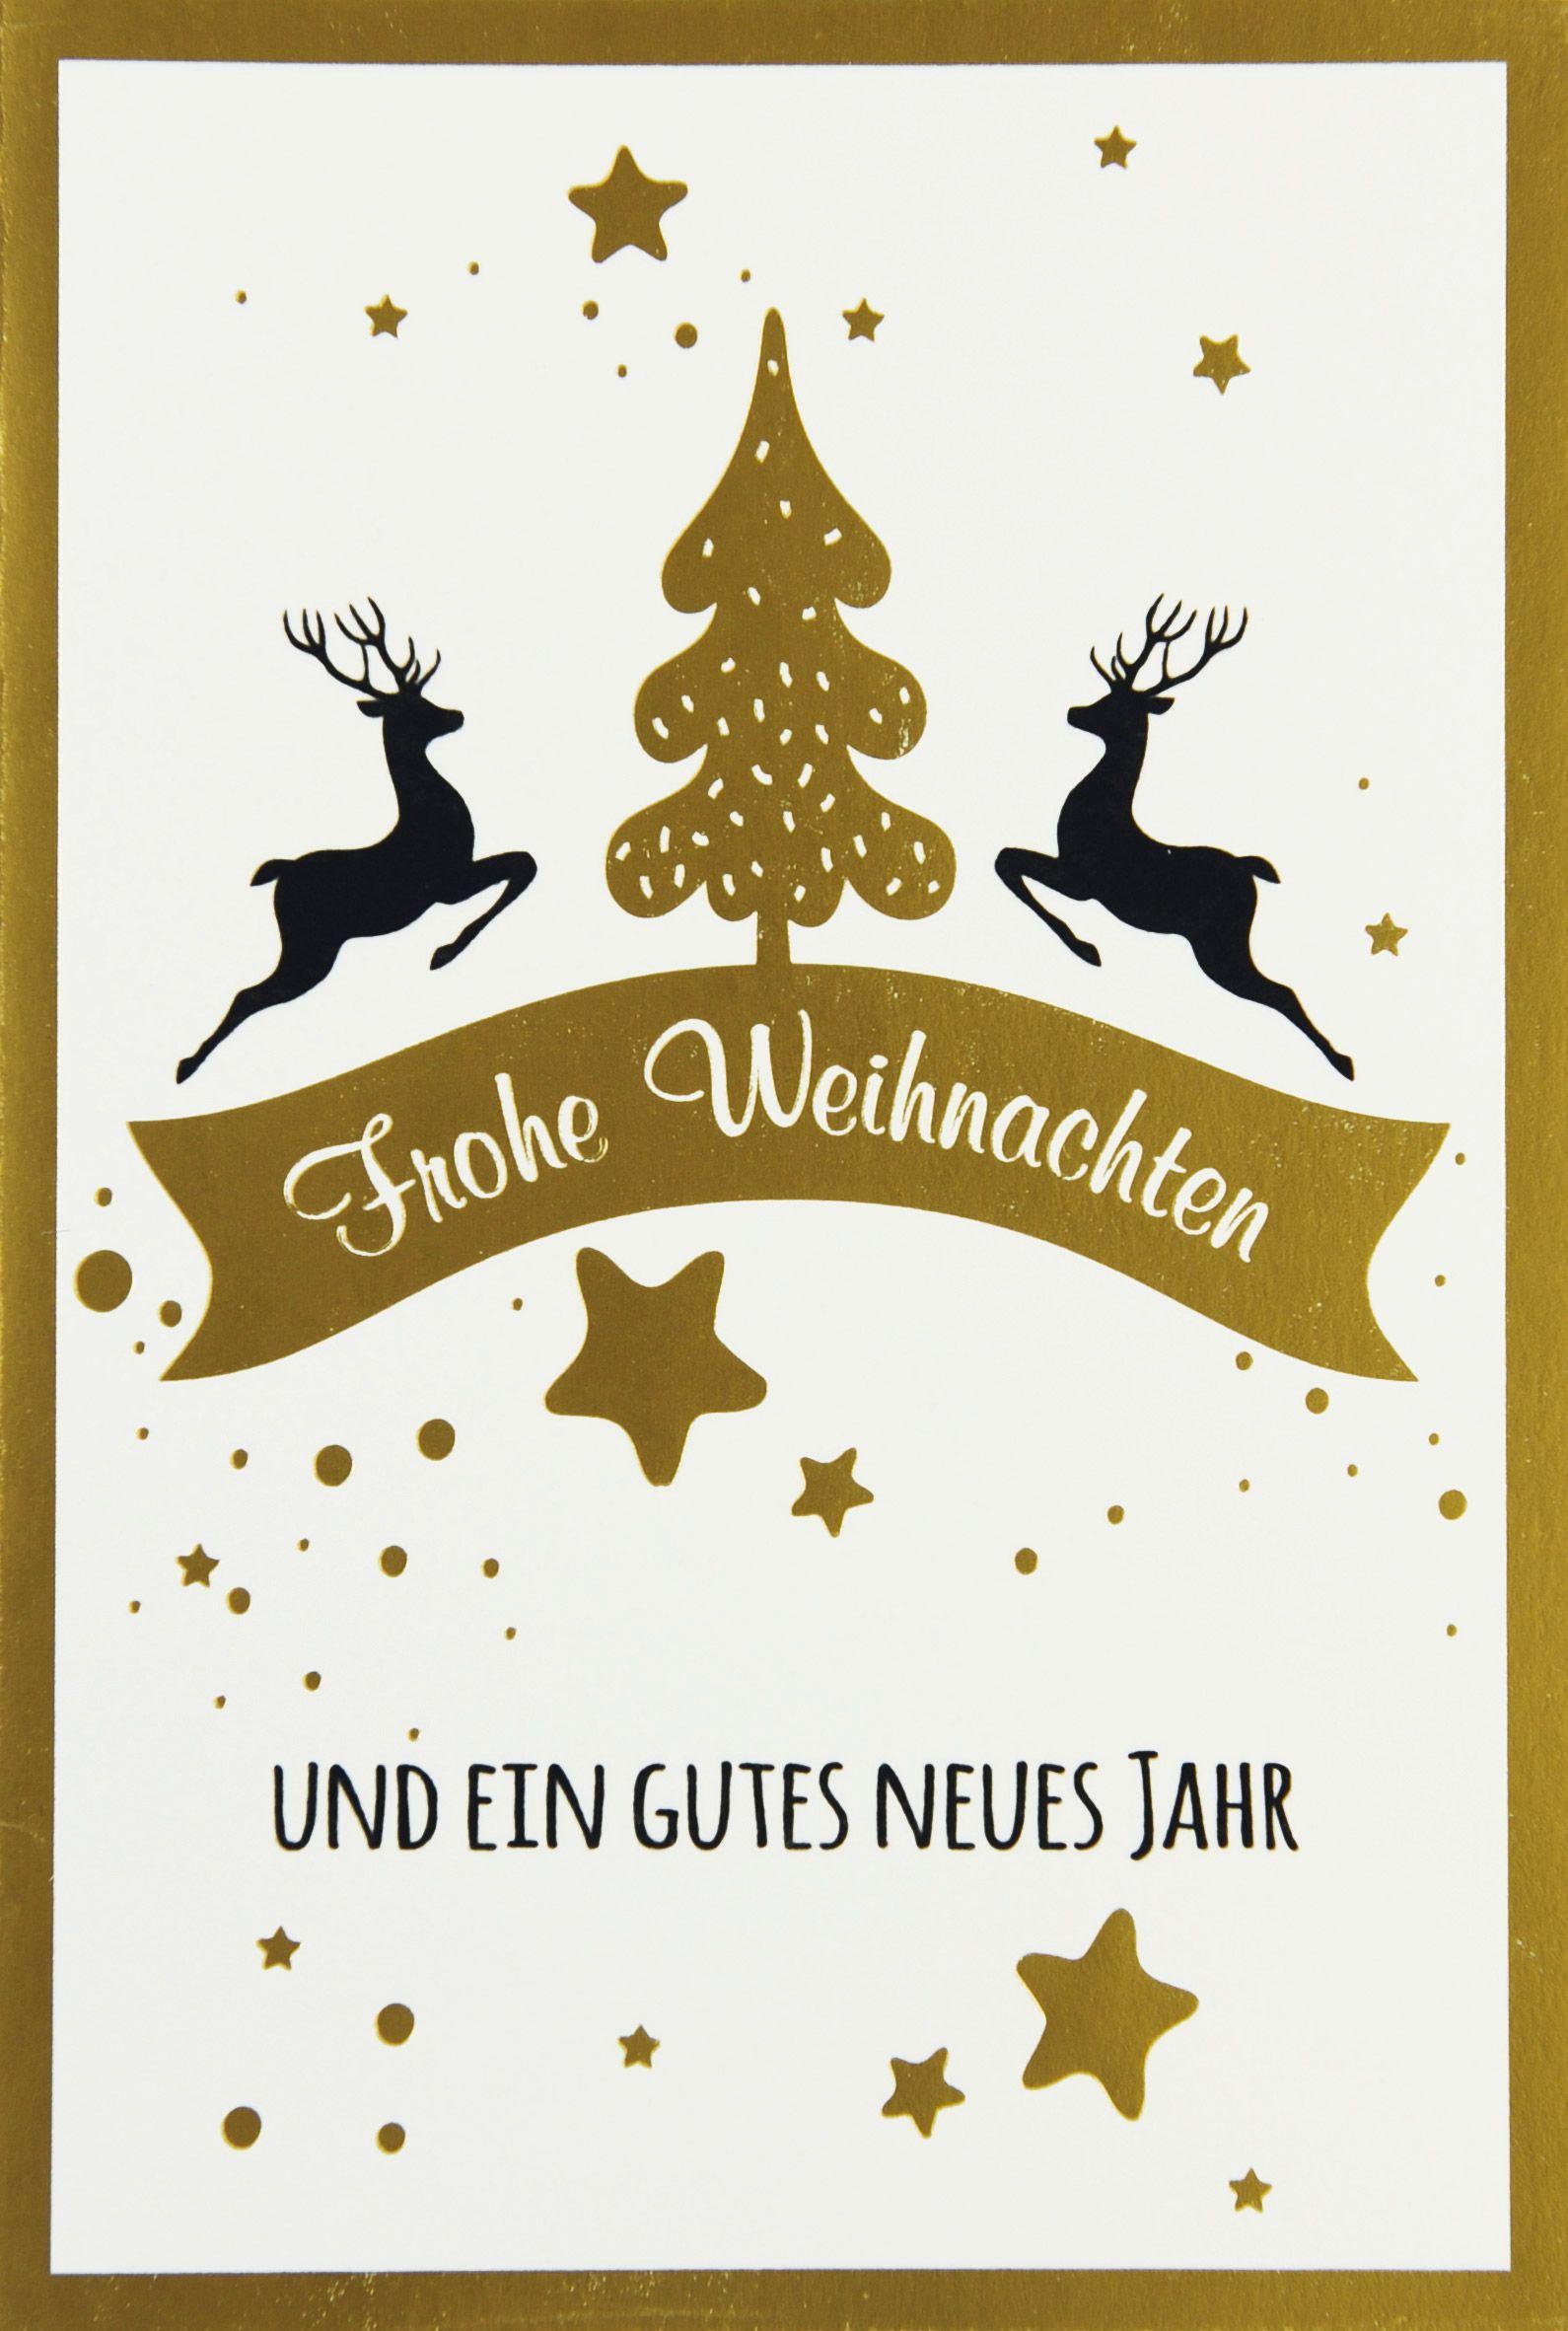 Frohe Weihnachten Wann Wünscht Man.Weihnachtskarte Fw 15947 Weihnachtskarten Mit Tannenbäumen